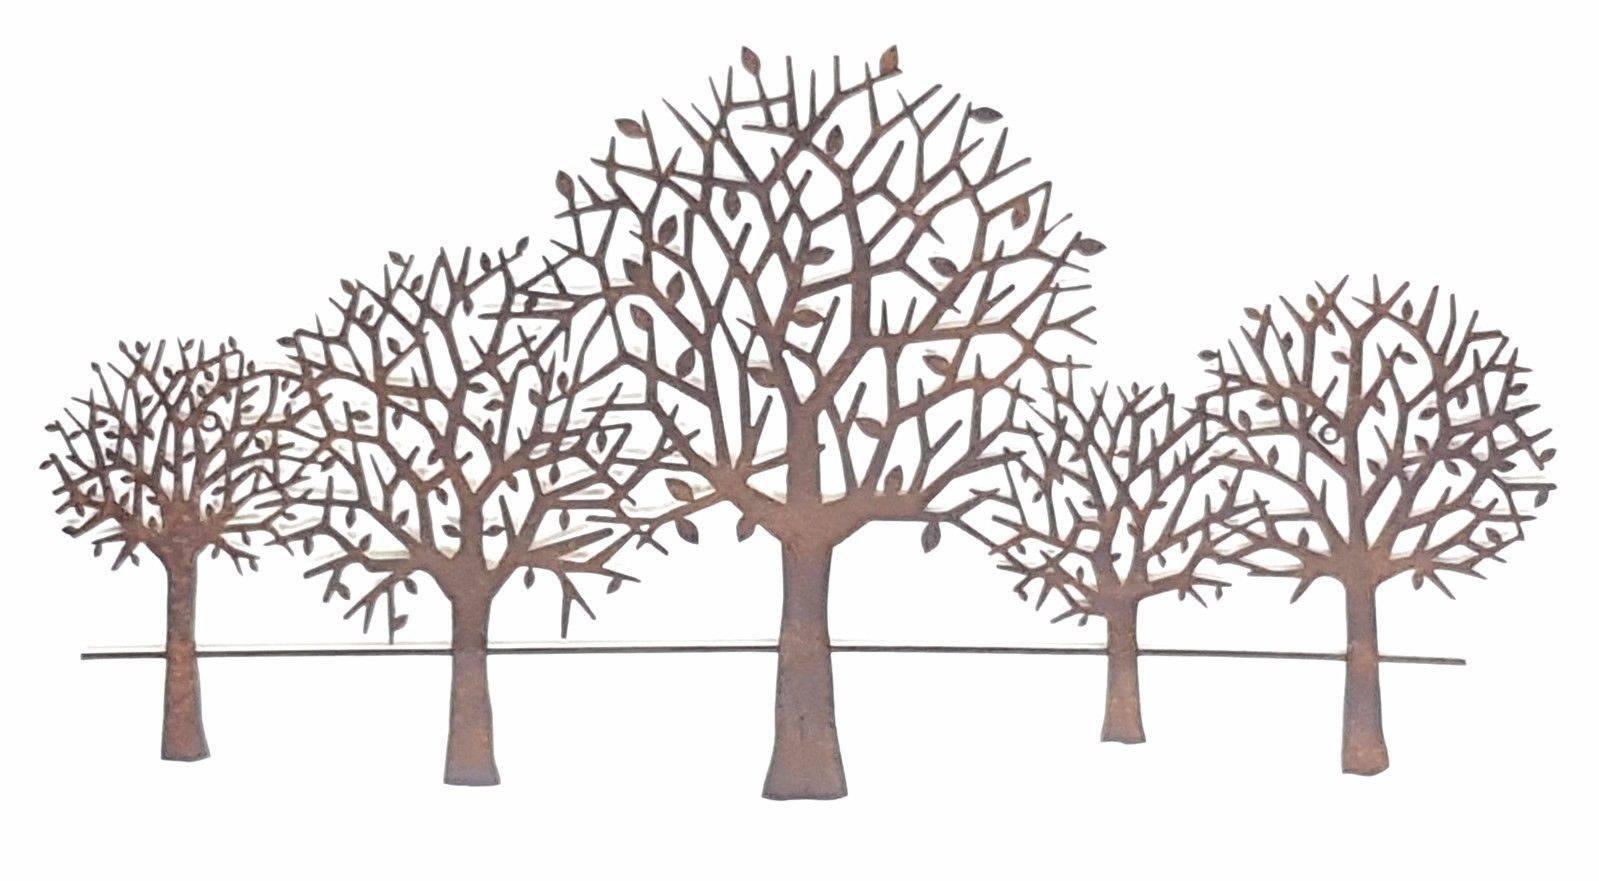 2019 Latest Metal Tree Wall Art Sculpture